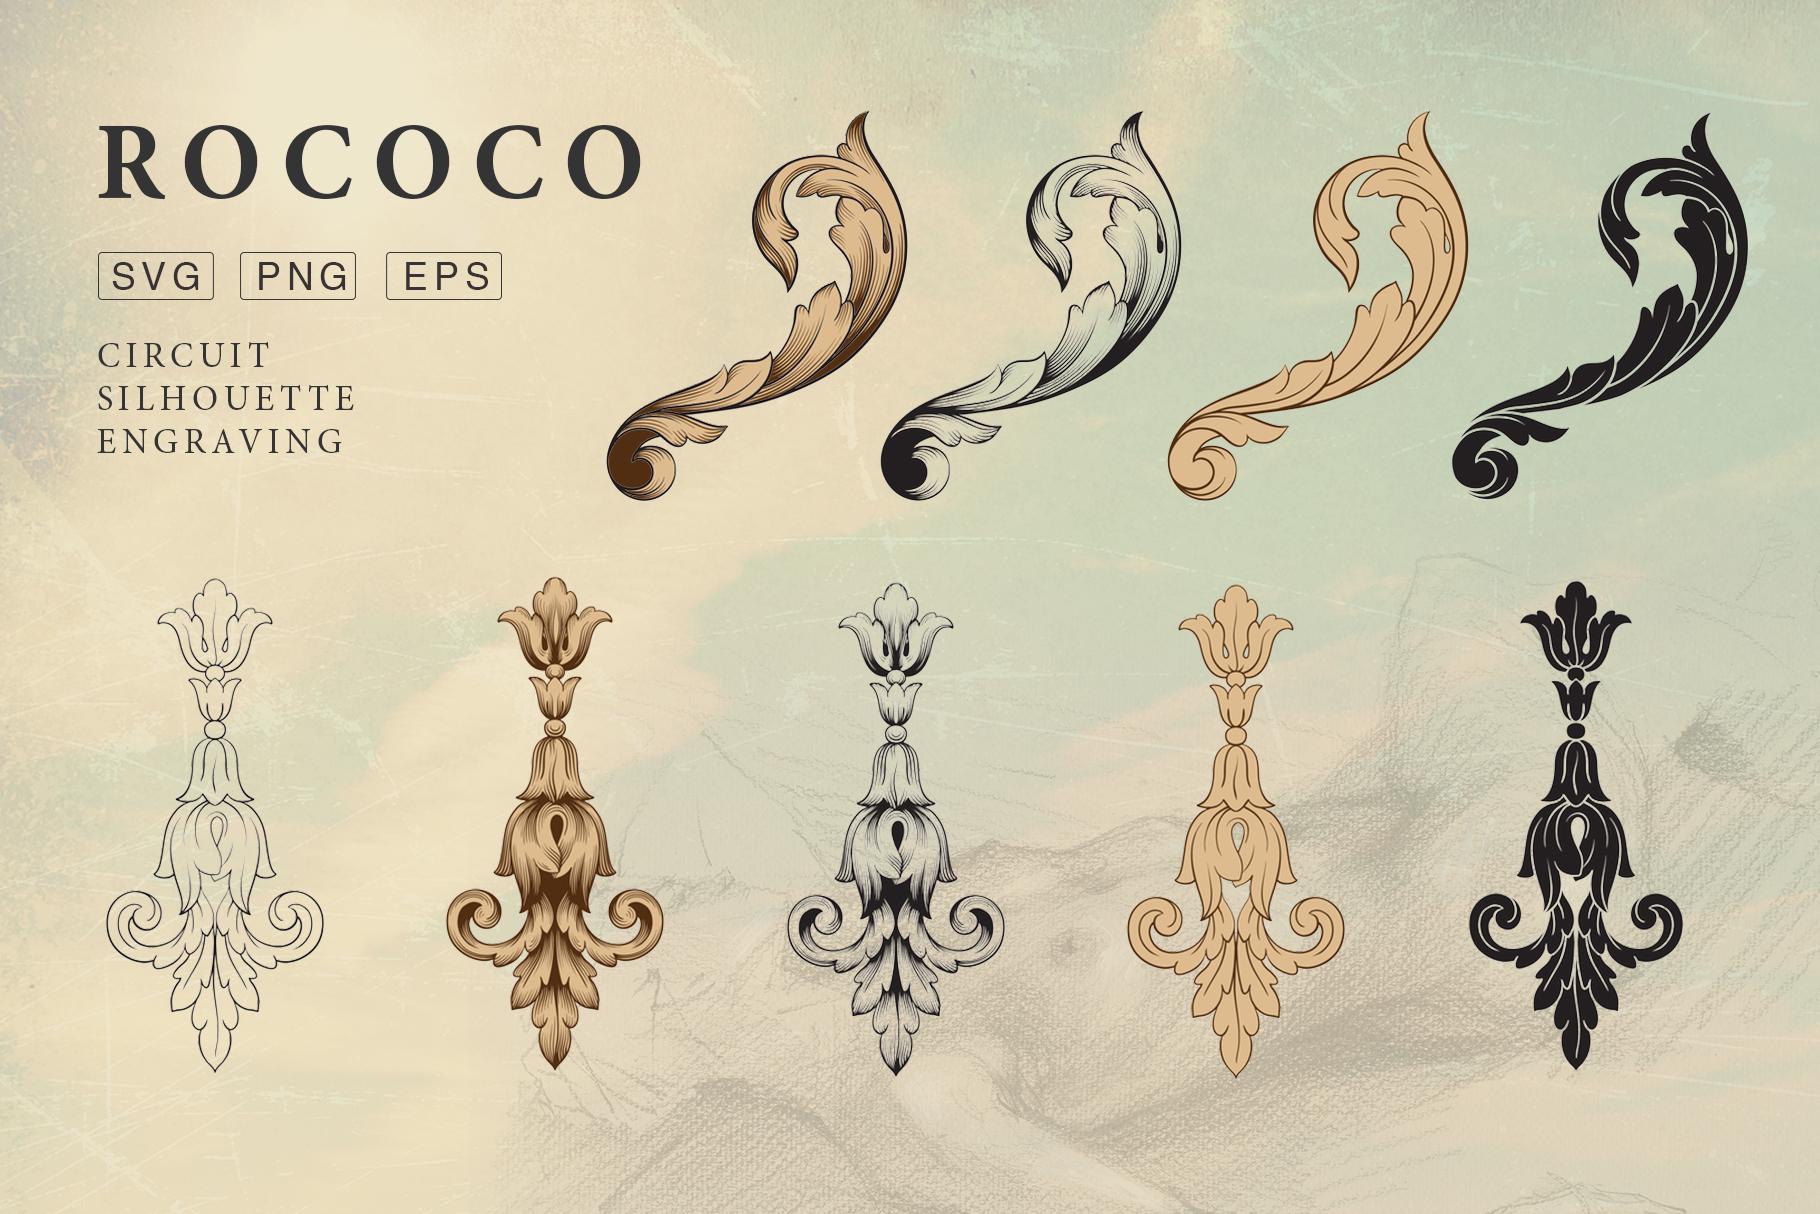 Rococo Romance Ornament page decor example image 6